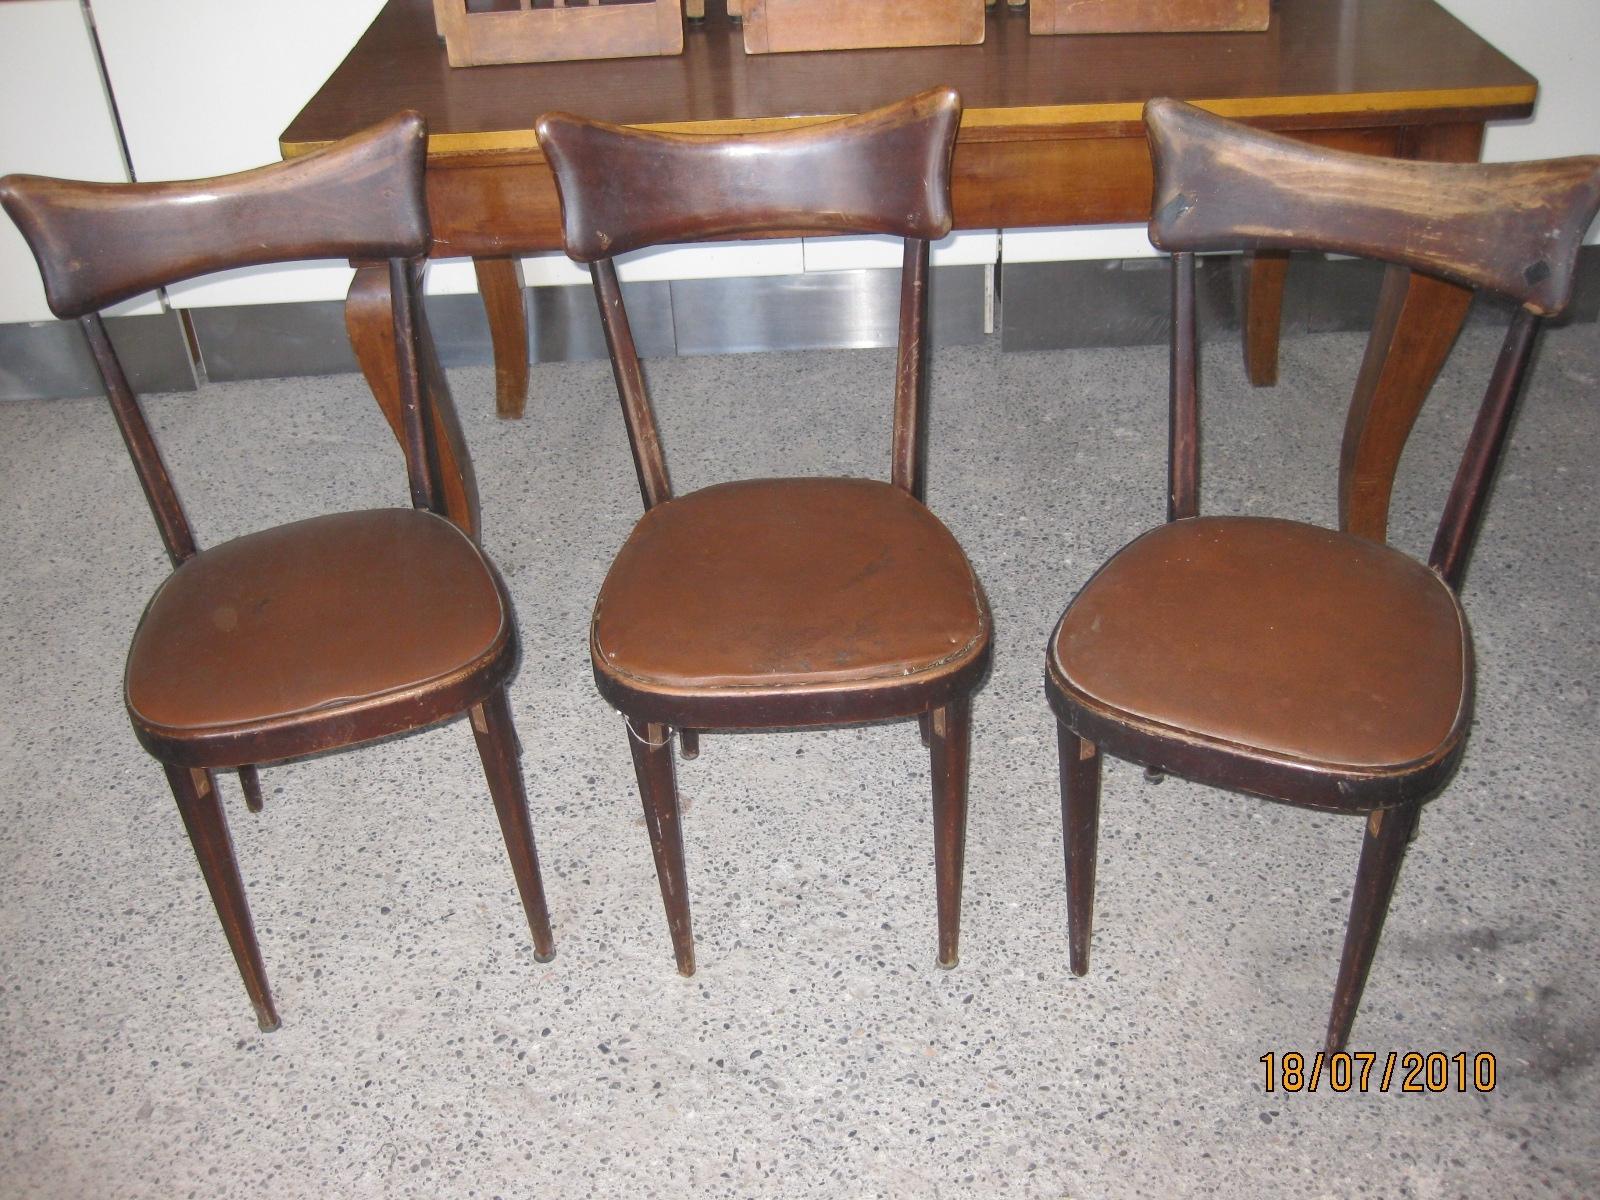 Sedie Vintage Anni 50 : Sedie vintage usate sedie anni utileusato